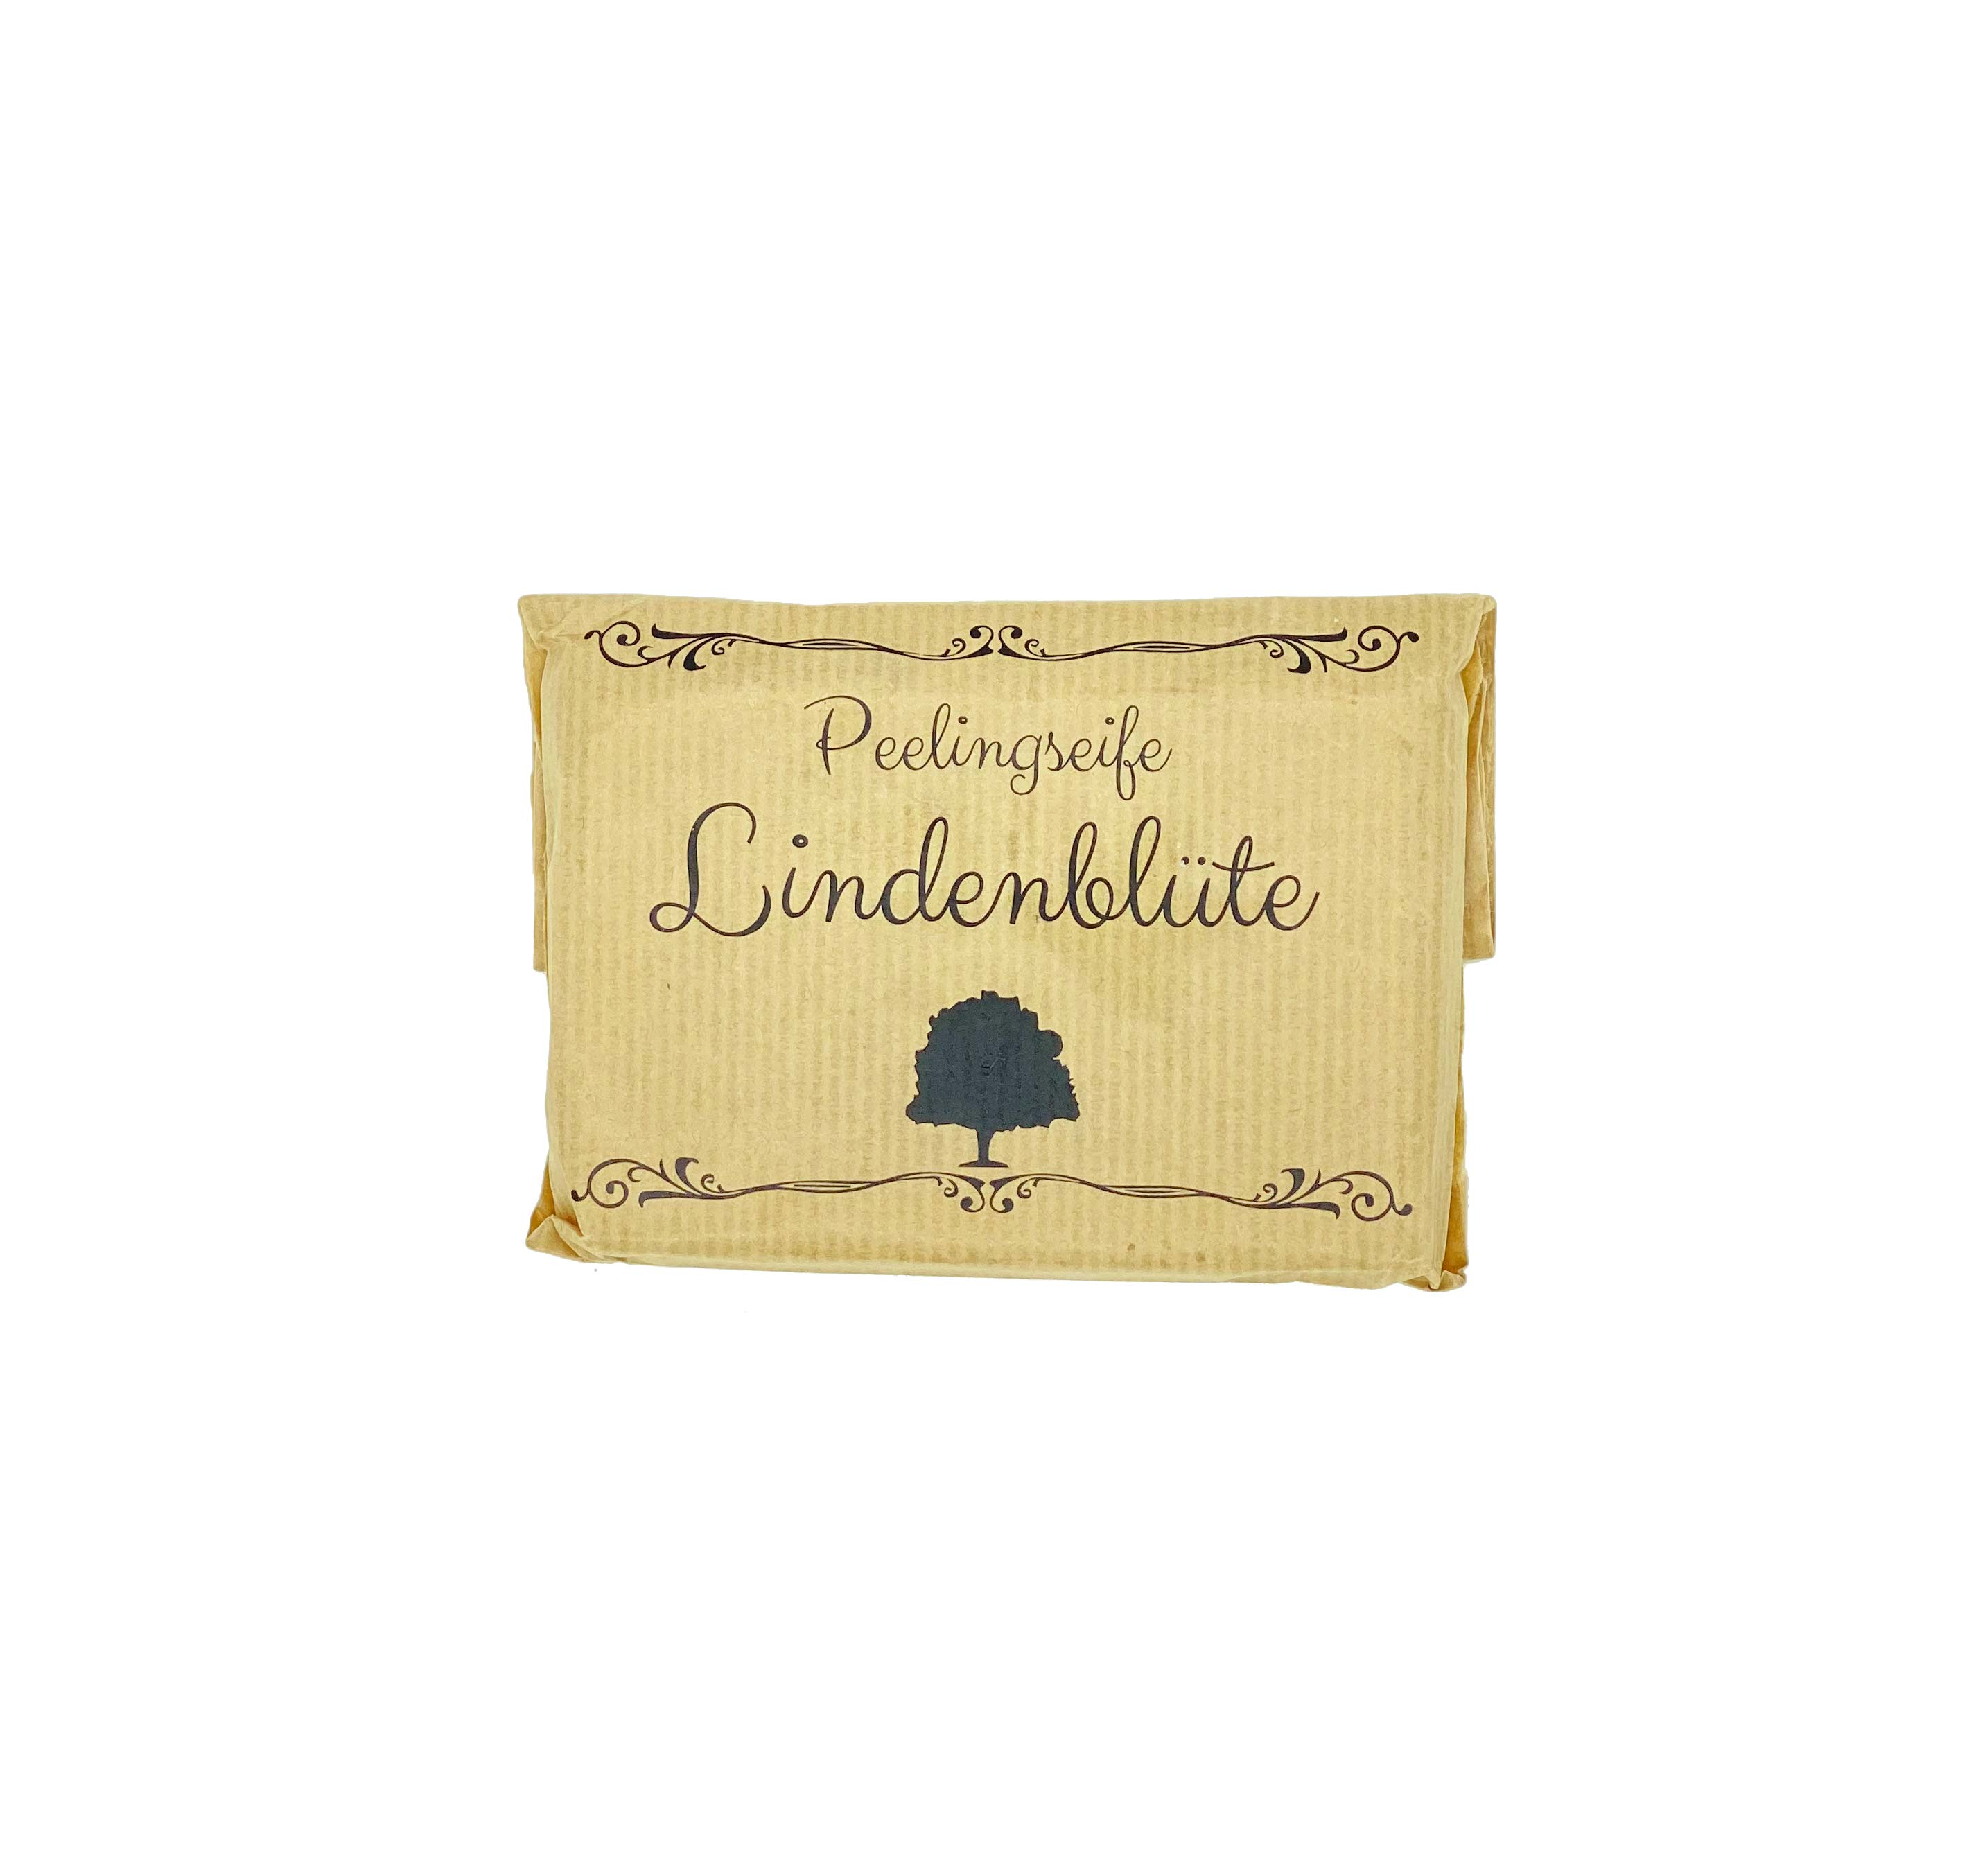 Peelingseife Lindenblüte